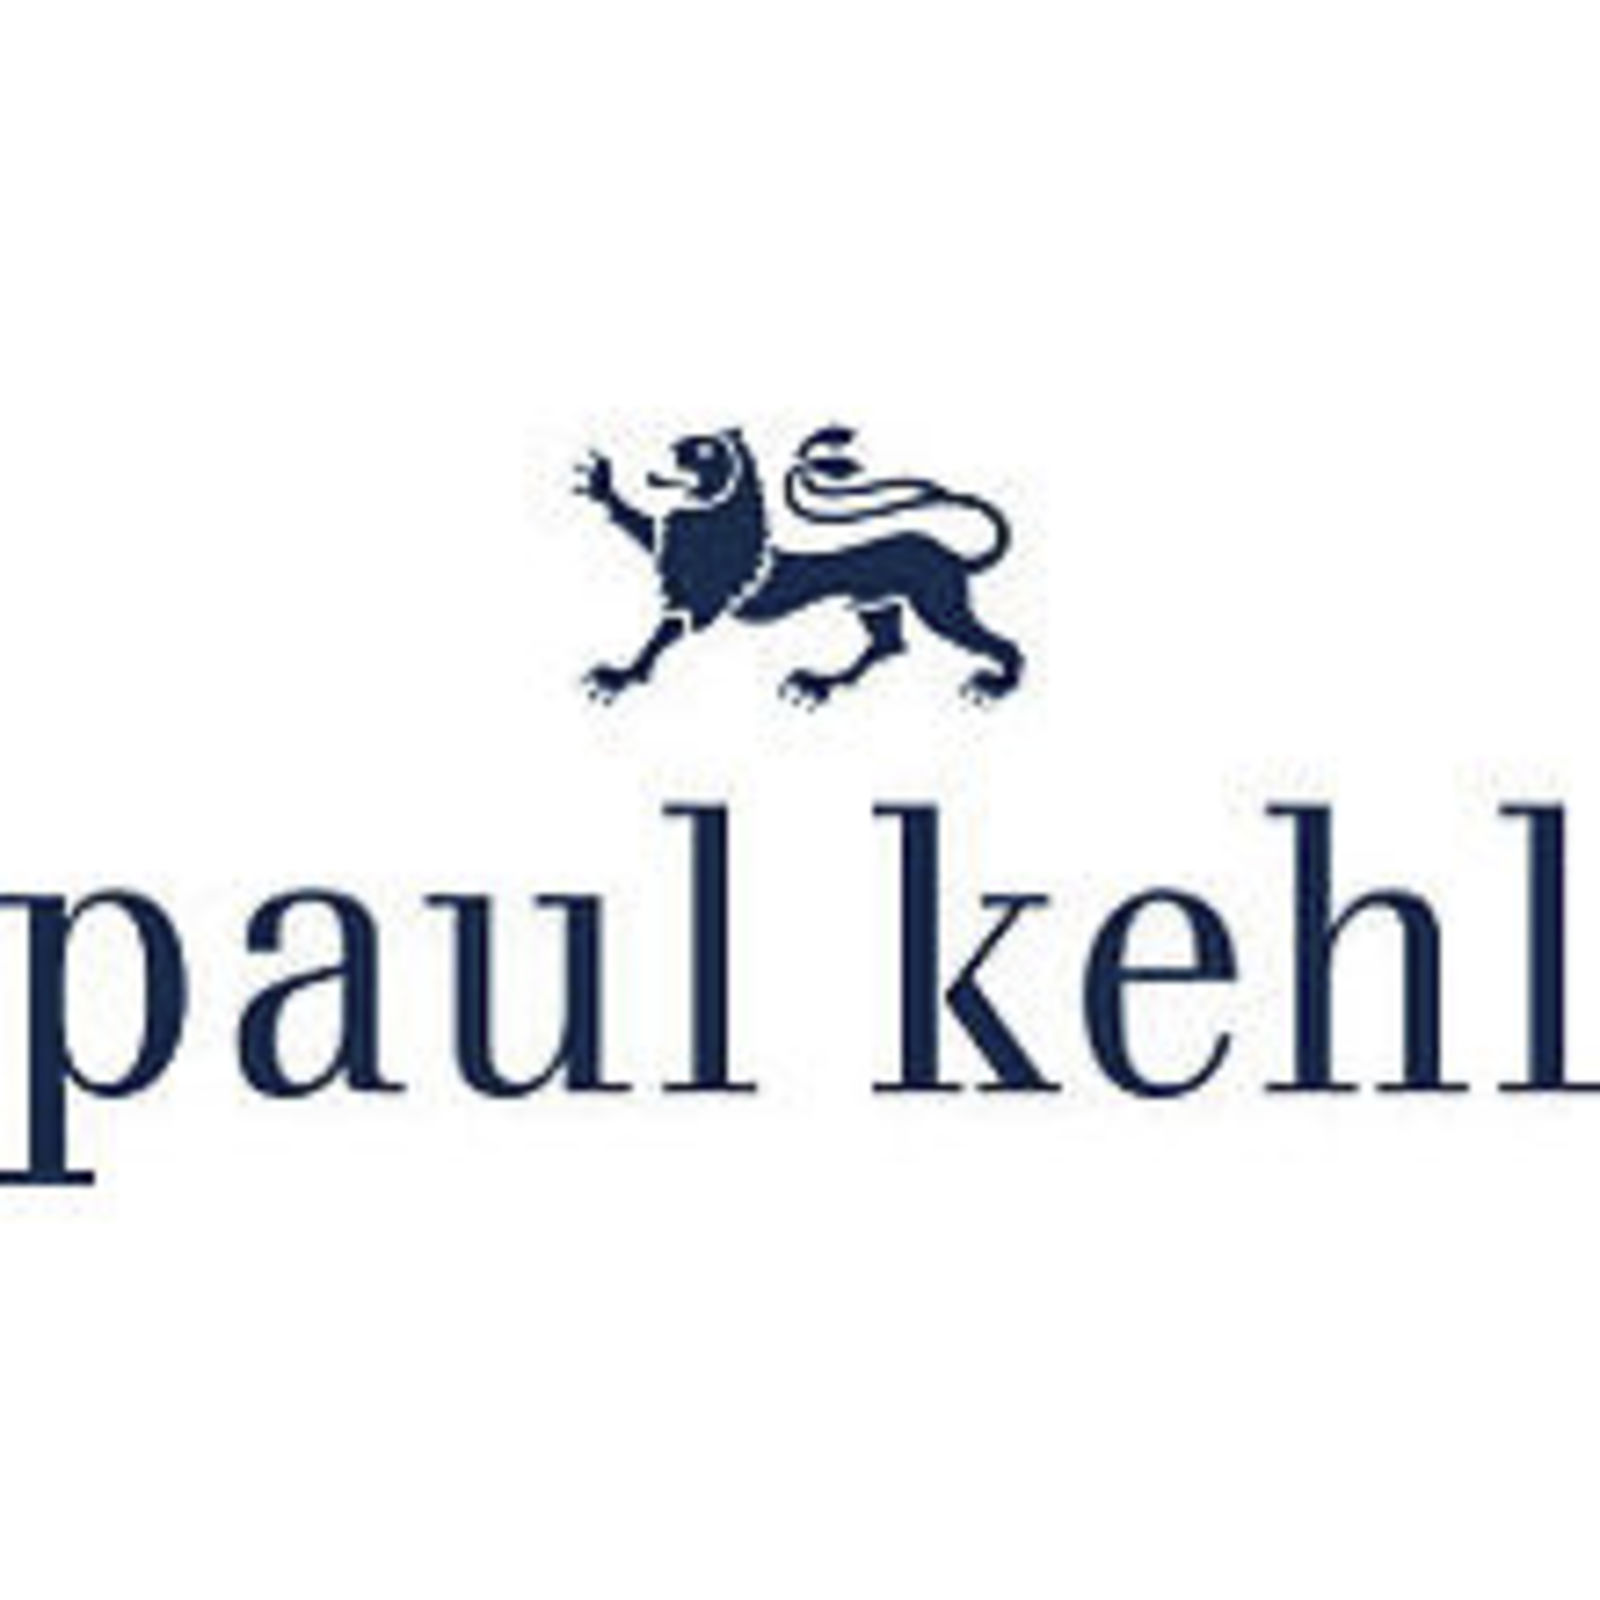 paul kehl